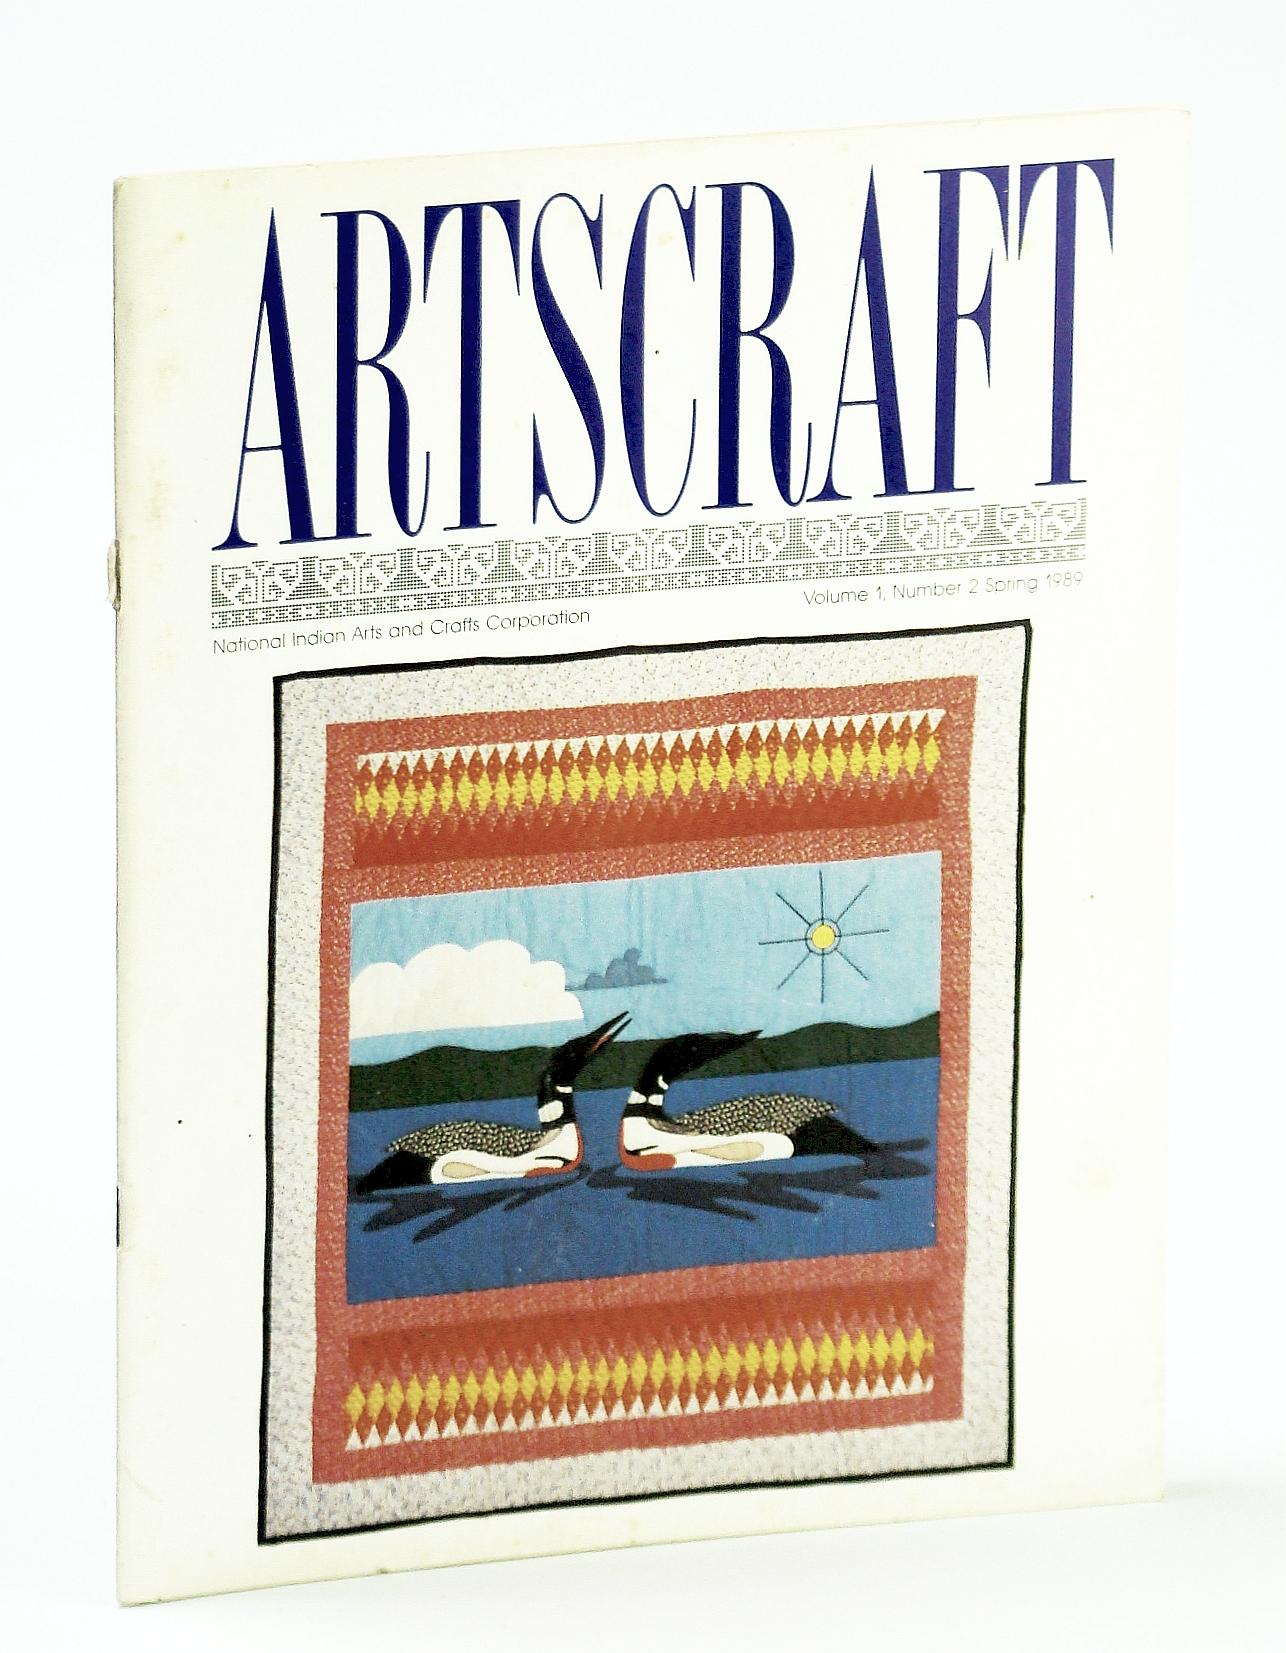 Image for Artscraft Magazine, Volume 1, Number 2, Spring 1989 - Dell Warner